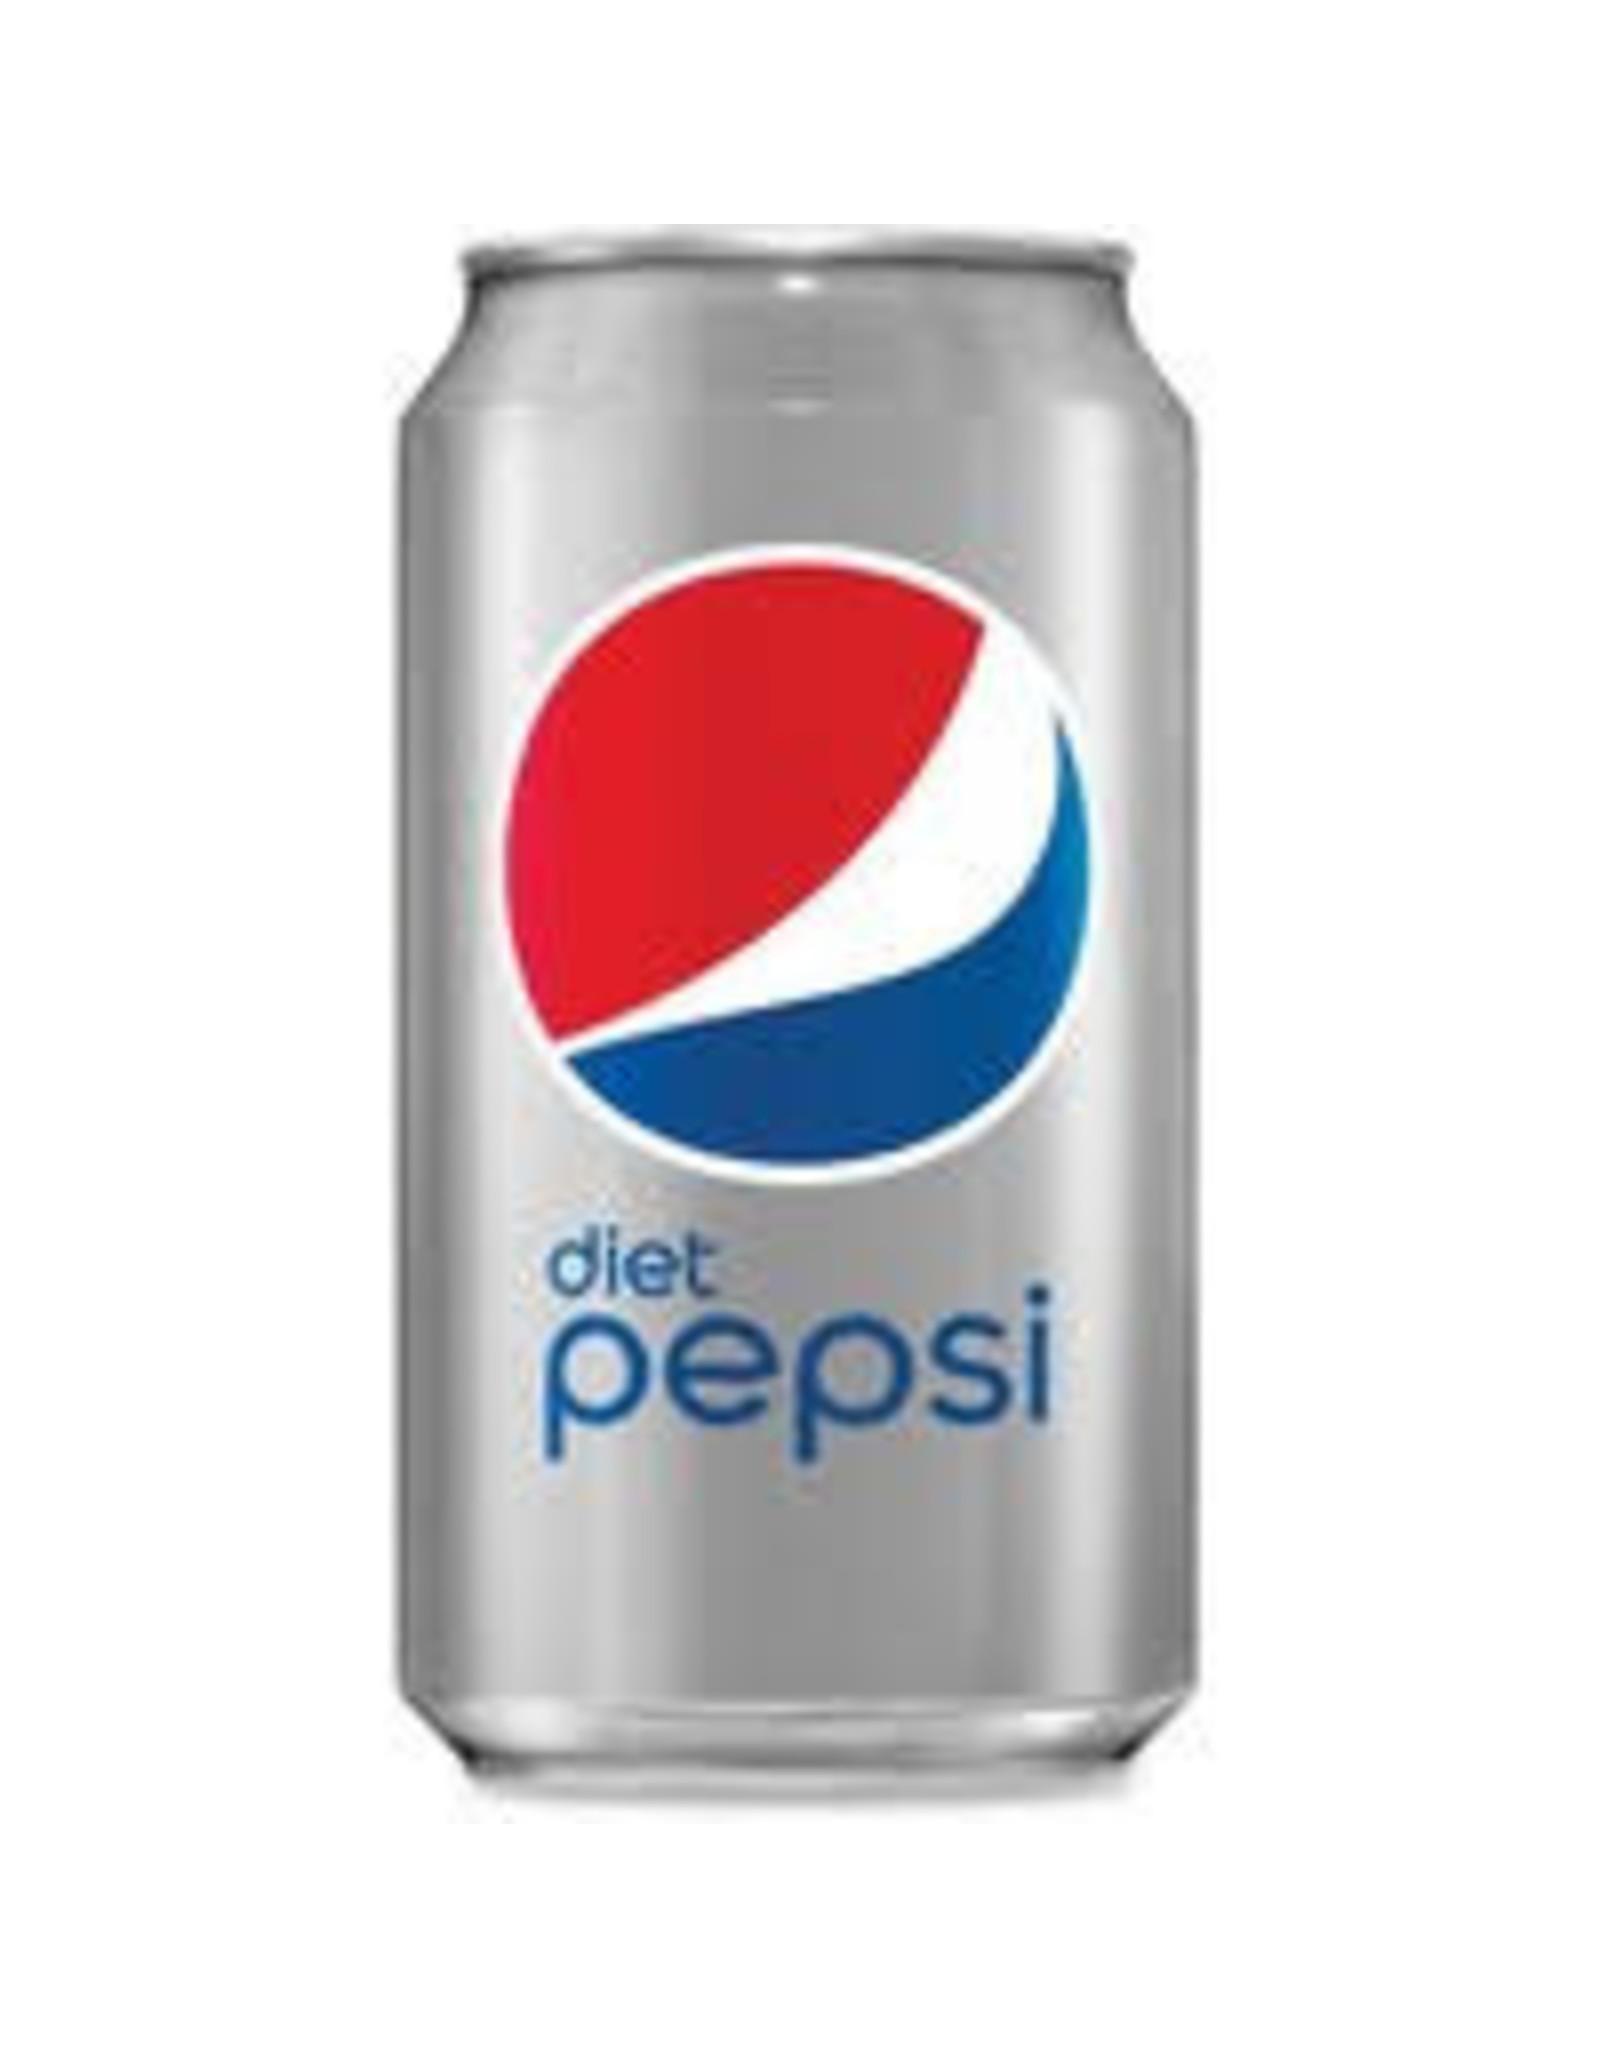 Diet Pepsi 12oz Can